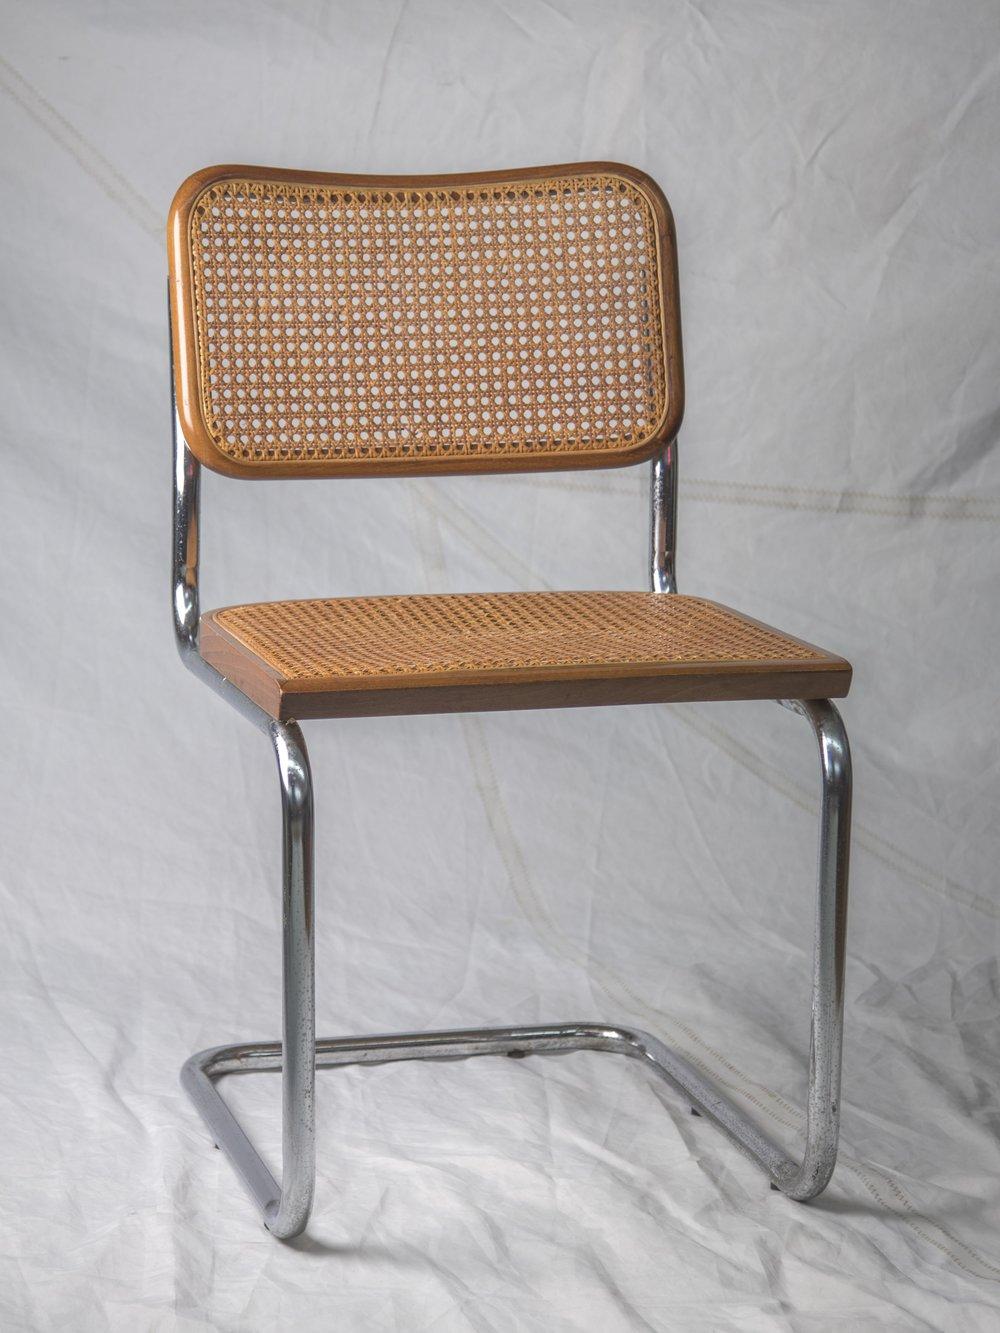 CH059  Marcel Breuer Cesca Chair   $125/week Set of 1